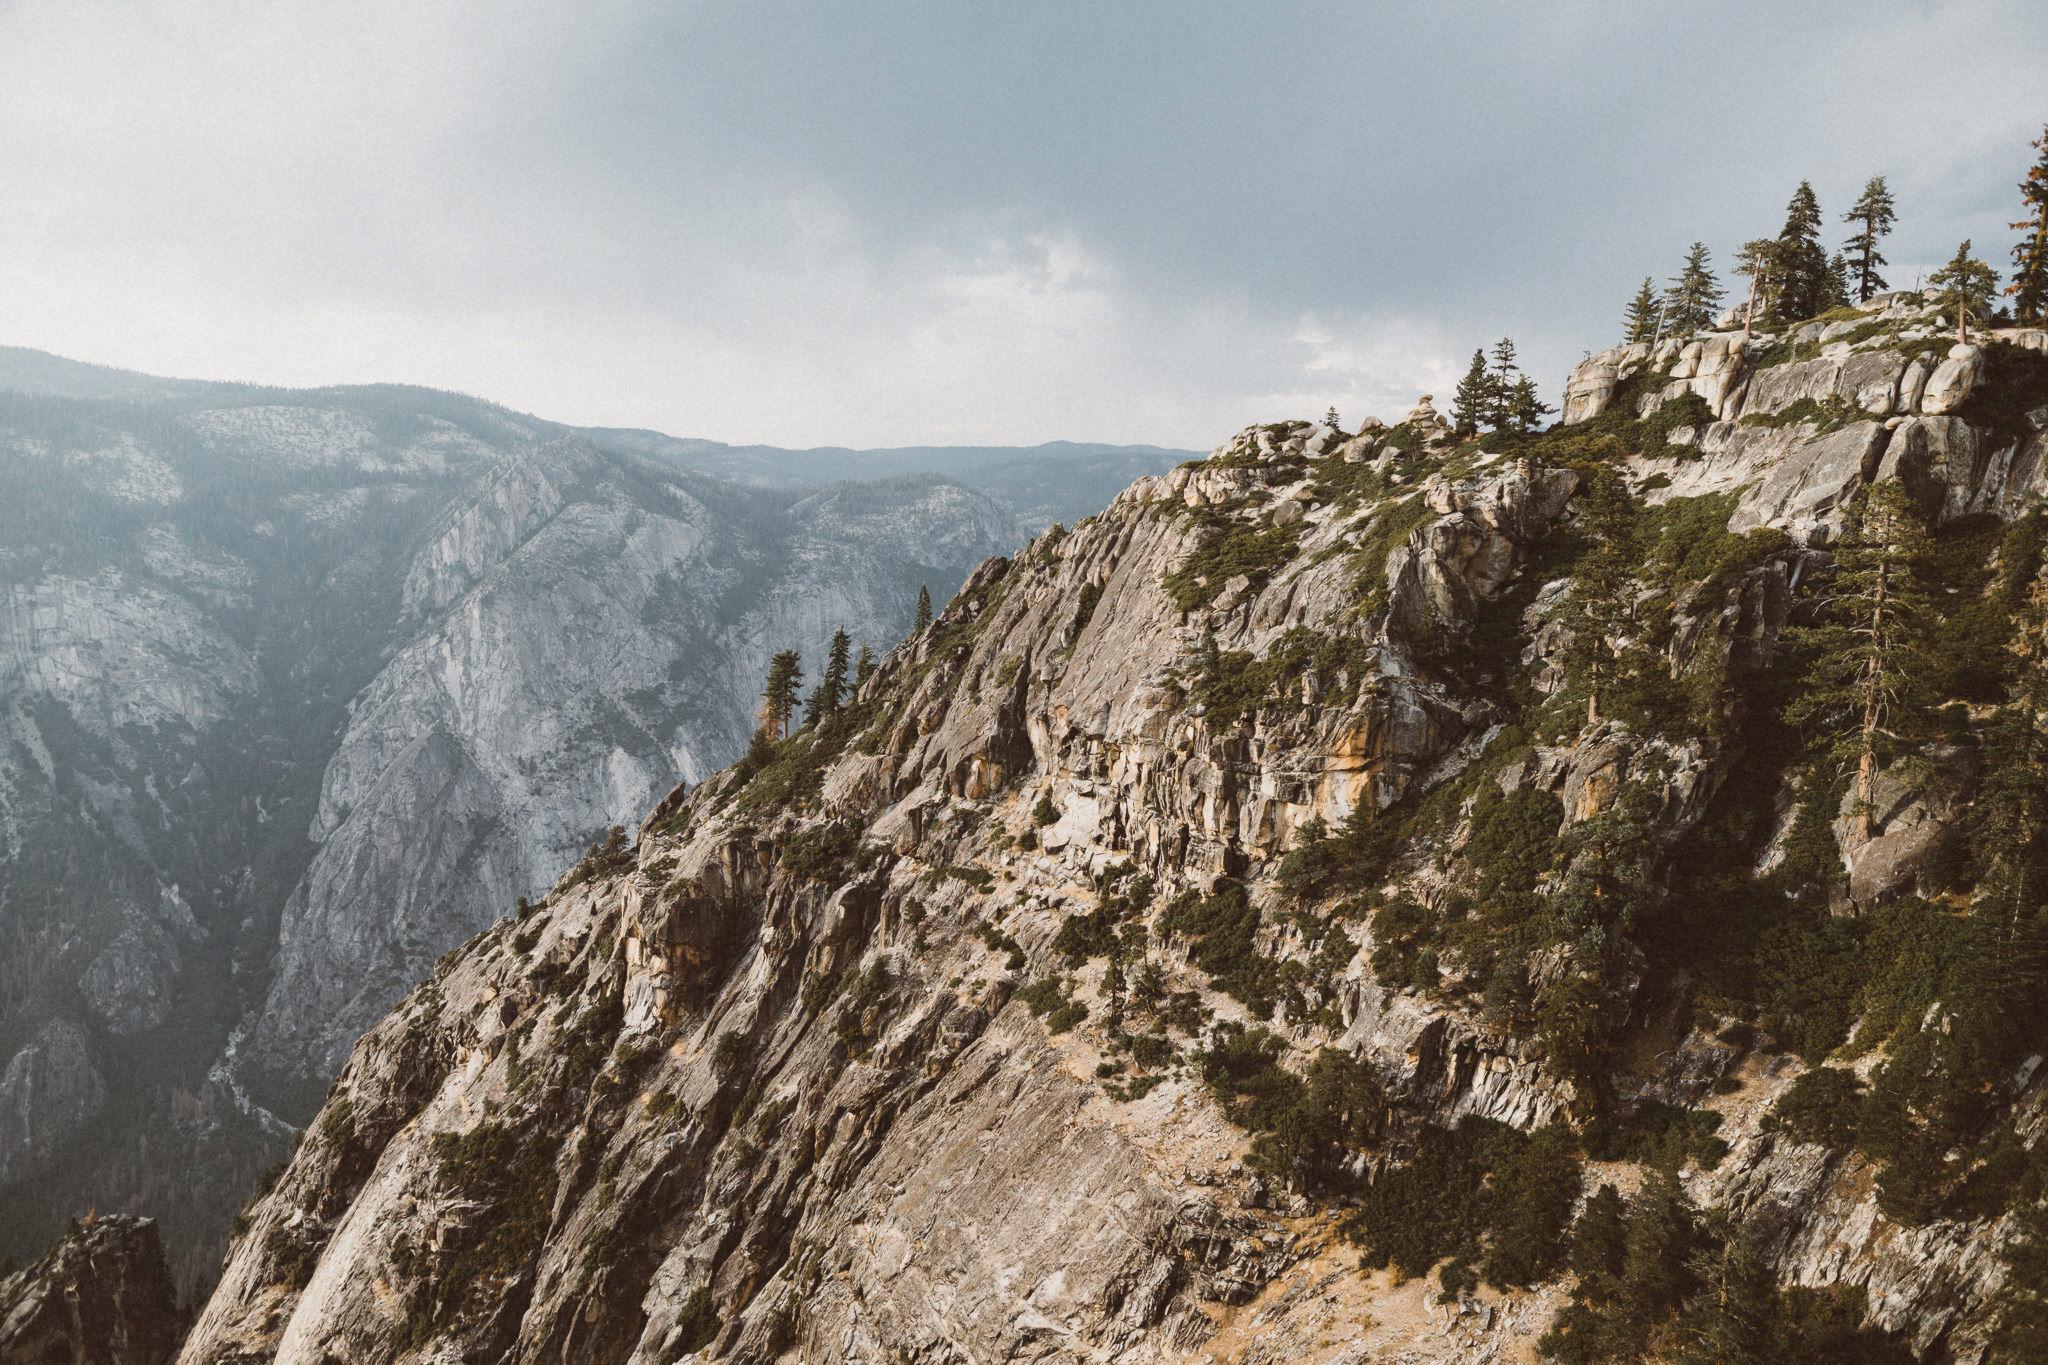 20160820_Yosemite_0030-Exposure.jpg